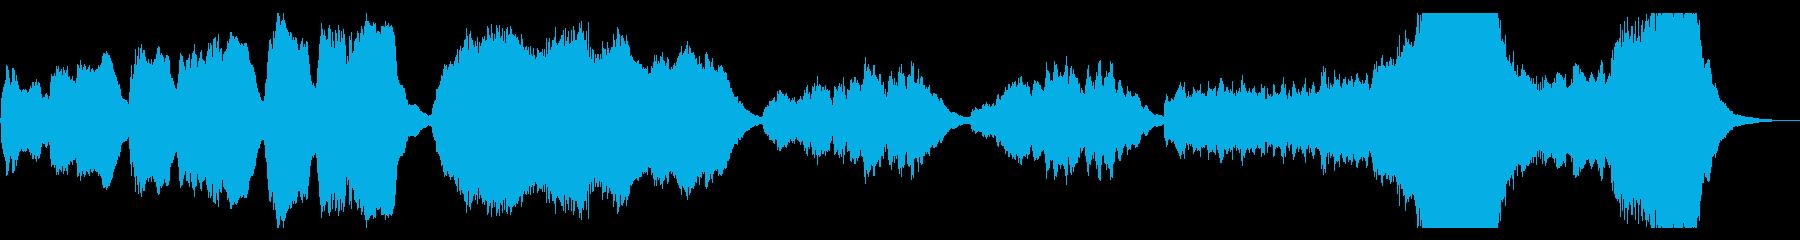 バッハ・トッカータとフーガ原曲・オルガンの再生済みの波形